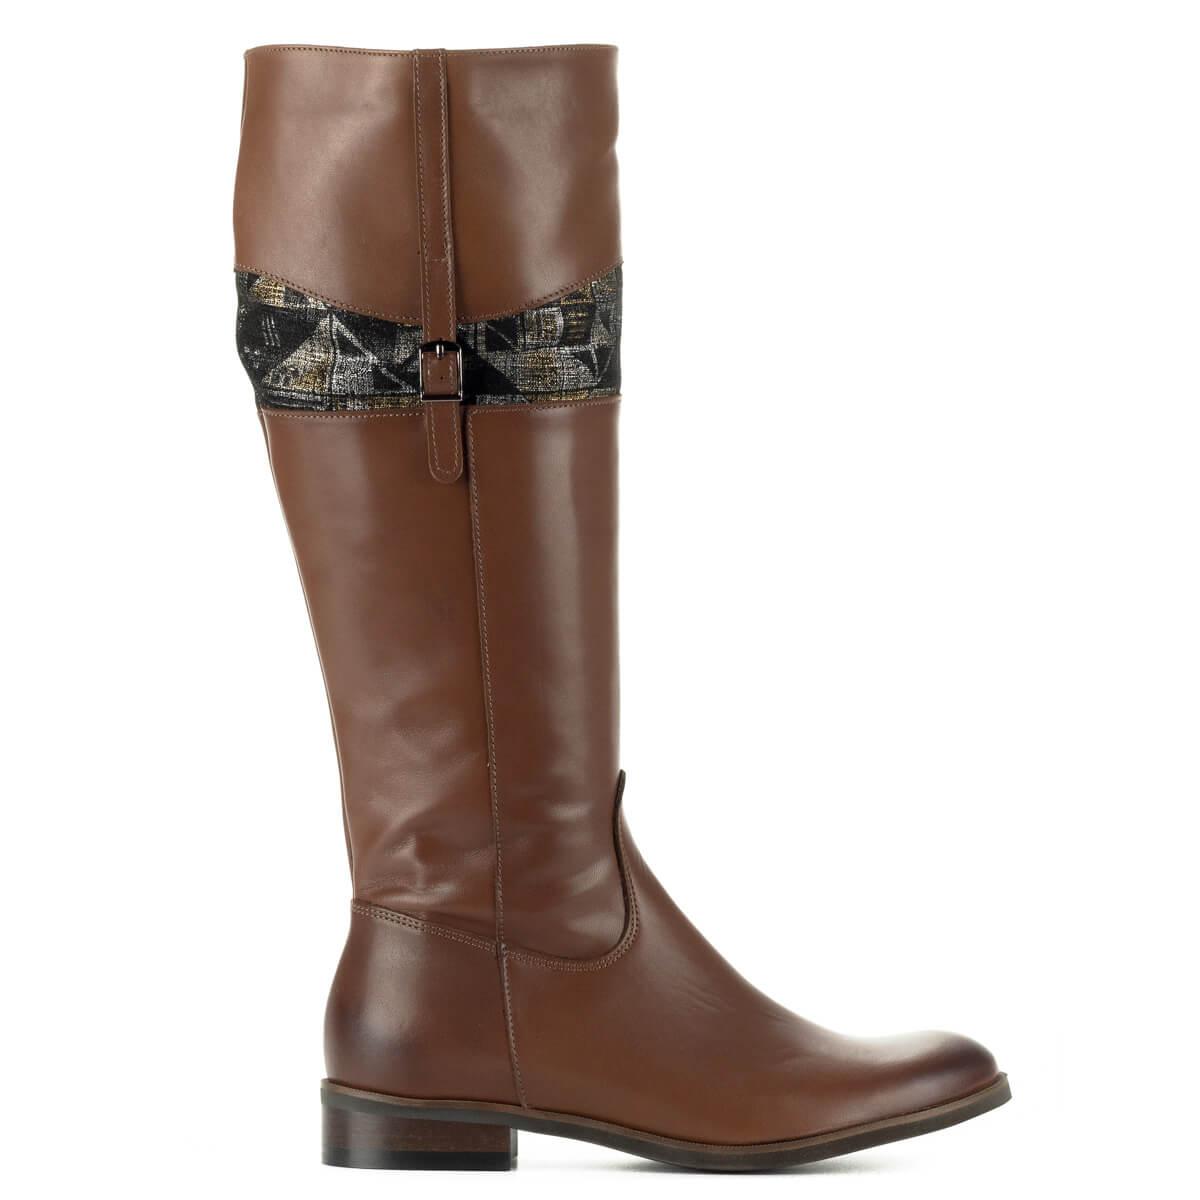 Stragórs barna lapos bőr csizma meleg textil béléssel. A csizma szárának  felső részében mintás betét ... d1199a4d37